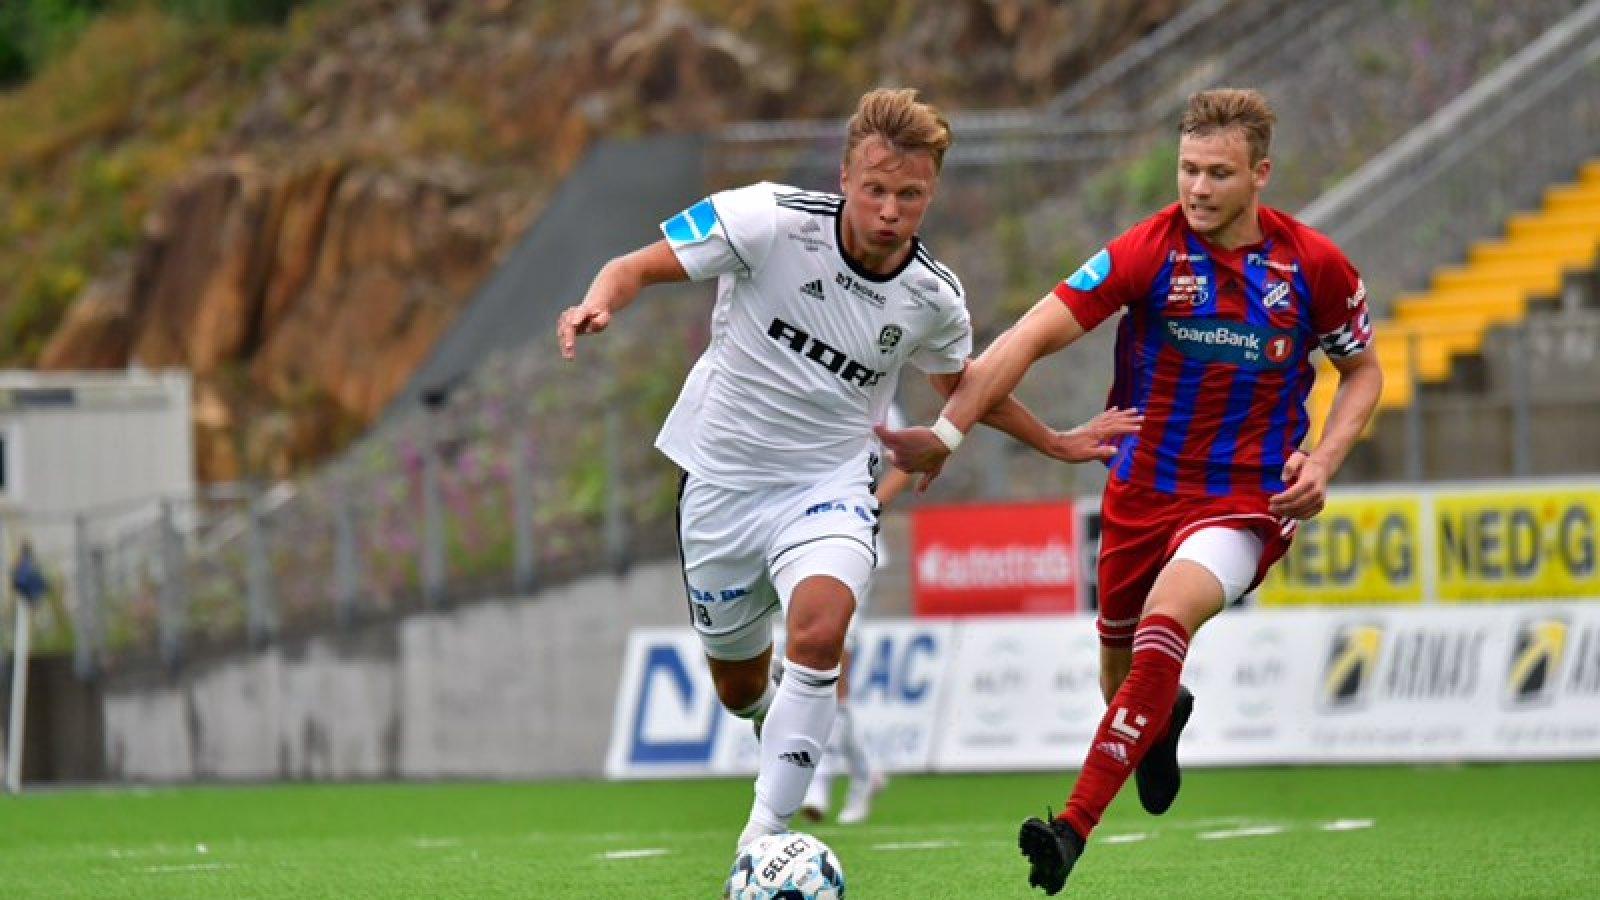 Markus Håbestad viste friske takter da han kom inn det siste kvarteret.